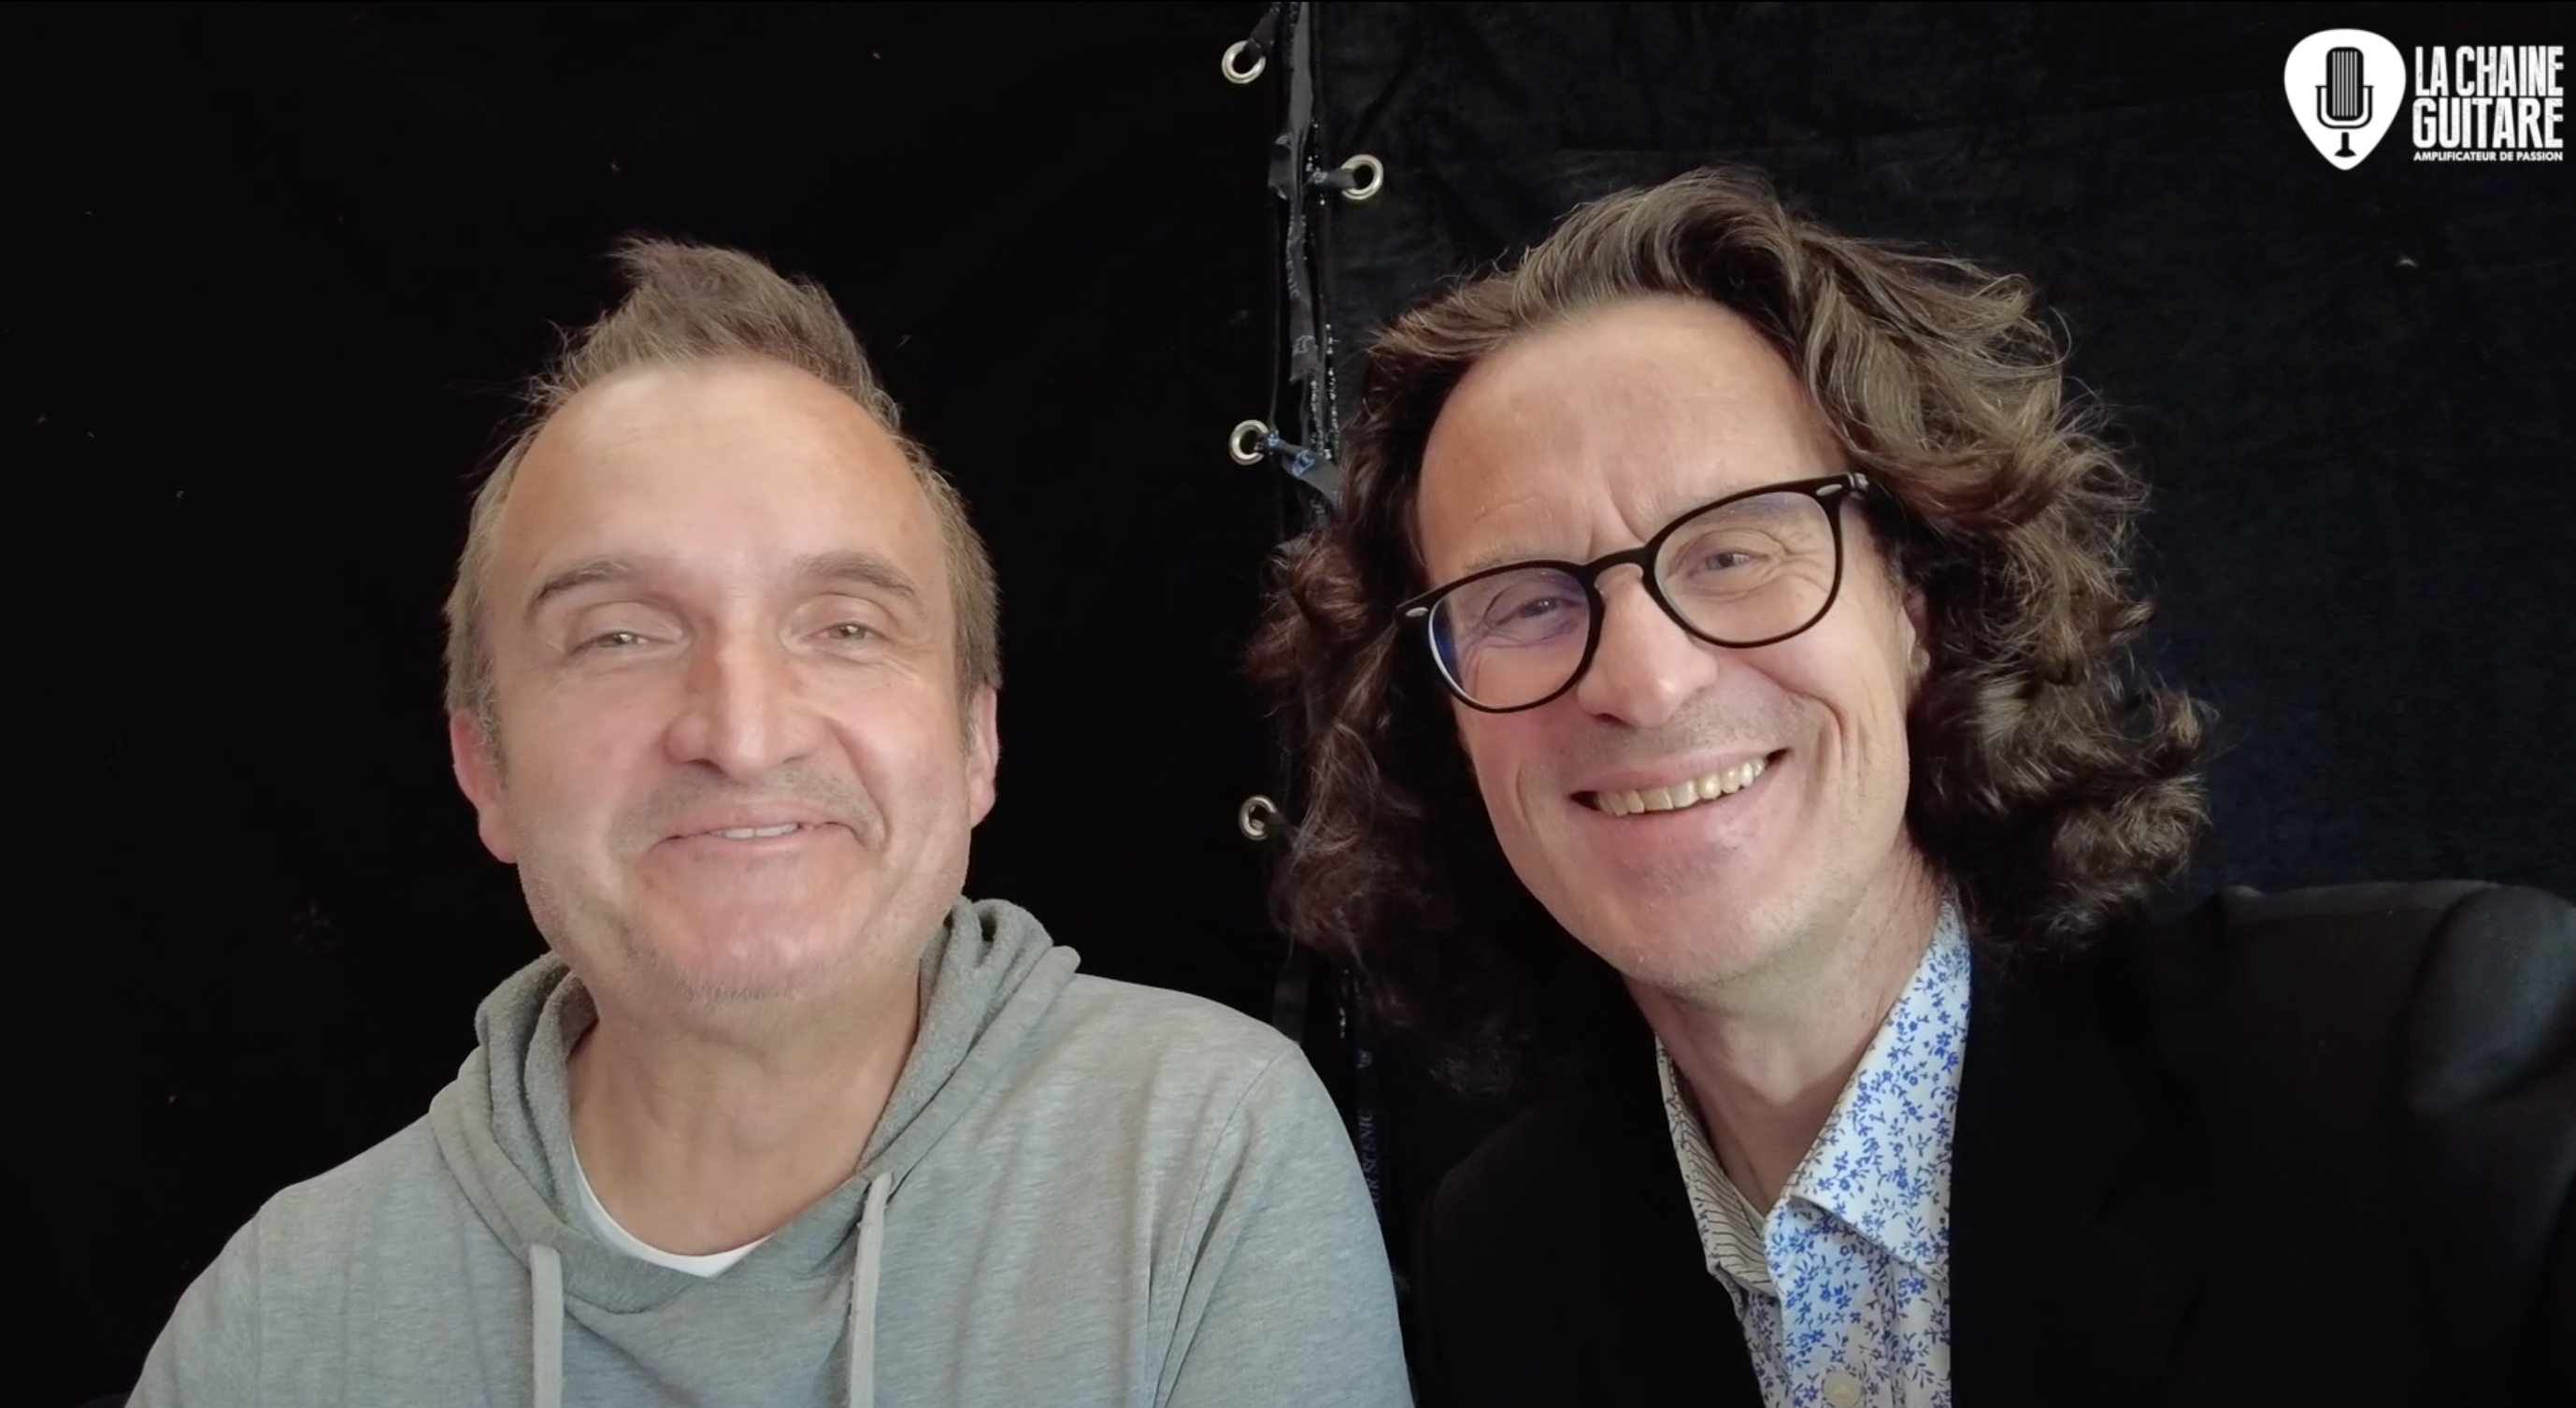 Atelier d'Effectologie, interview Jean-Luc Balaguer lors du Guit-Ar-Camp